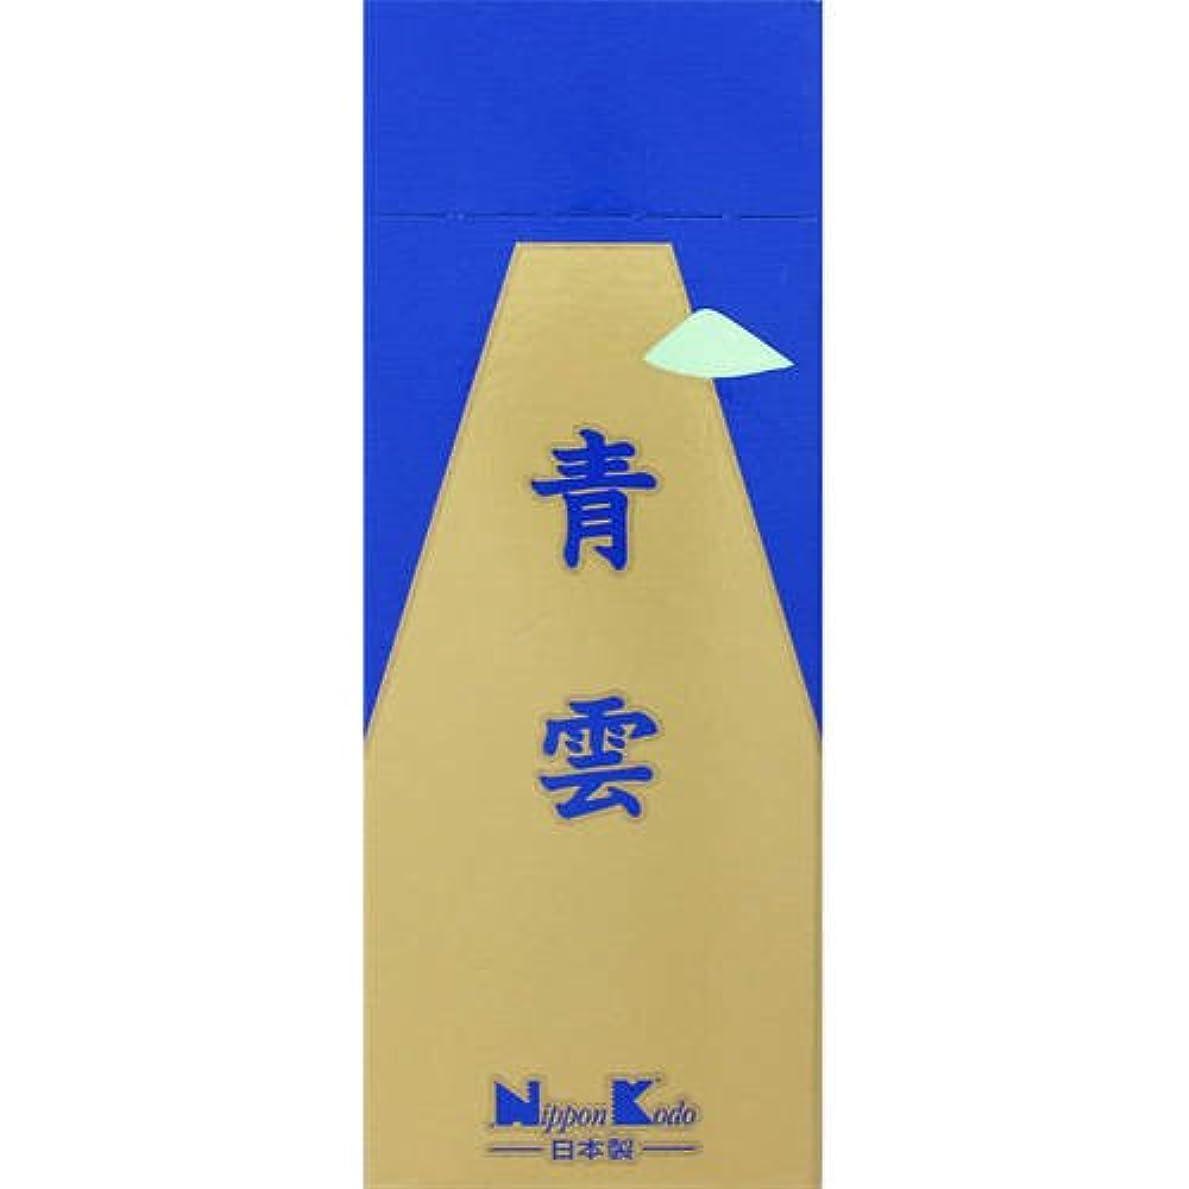 レクリエーションプロペラ幻滅する青雲 新徳用型 #206